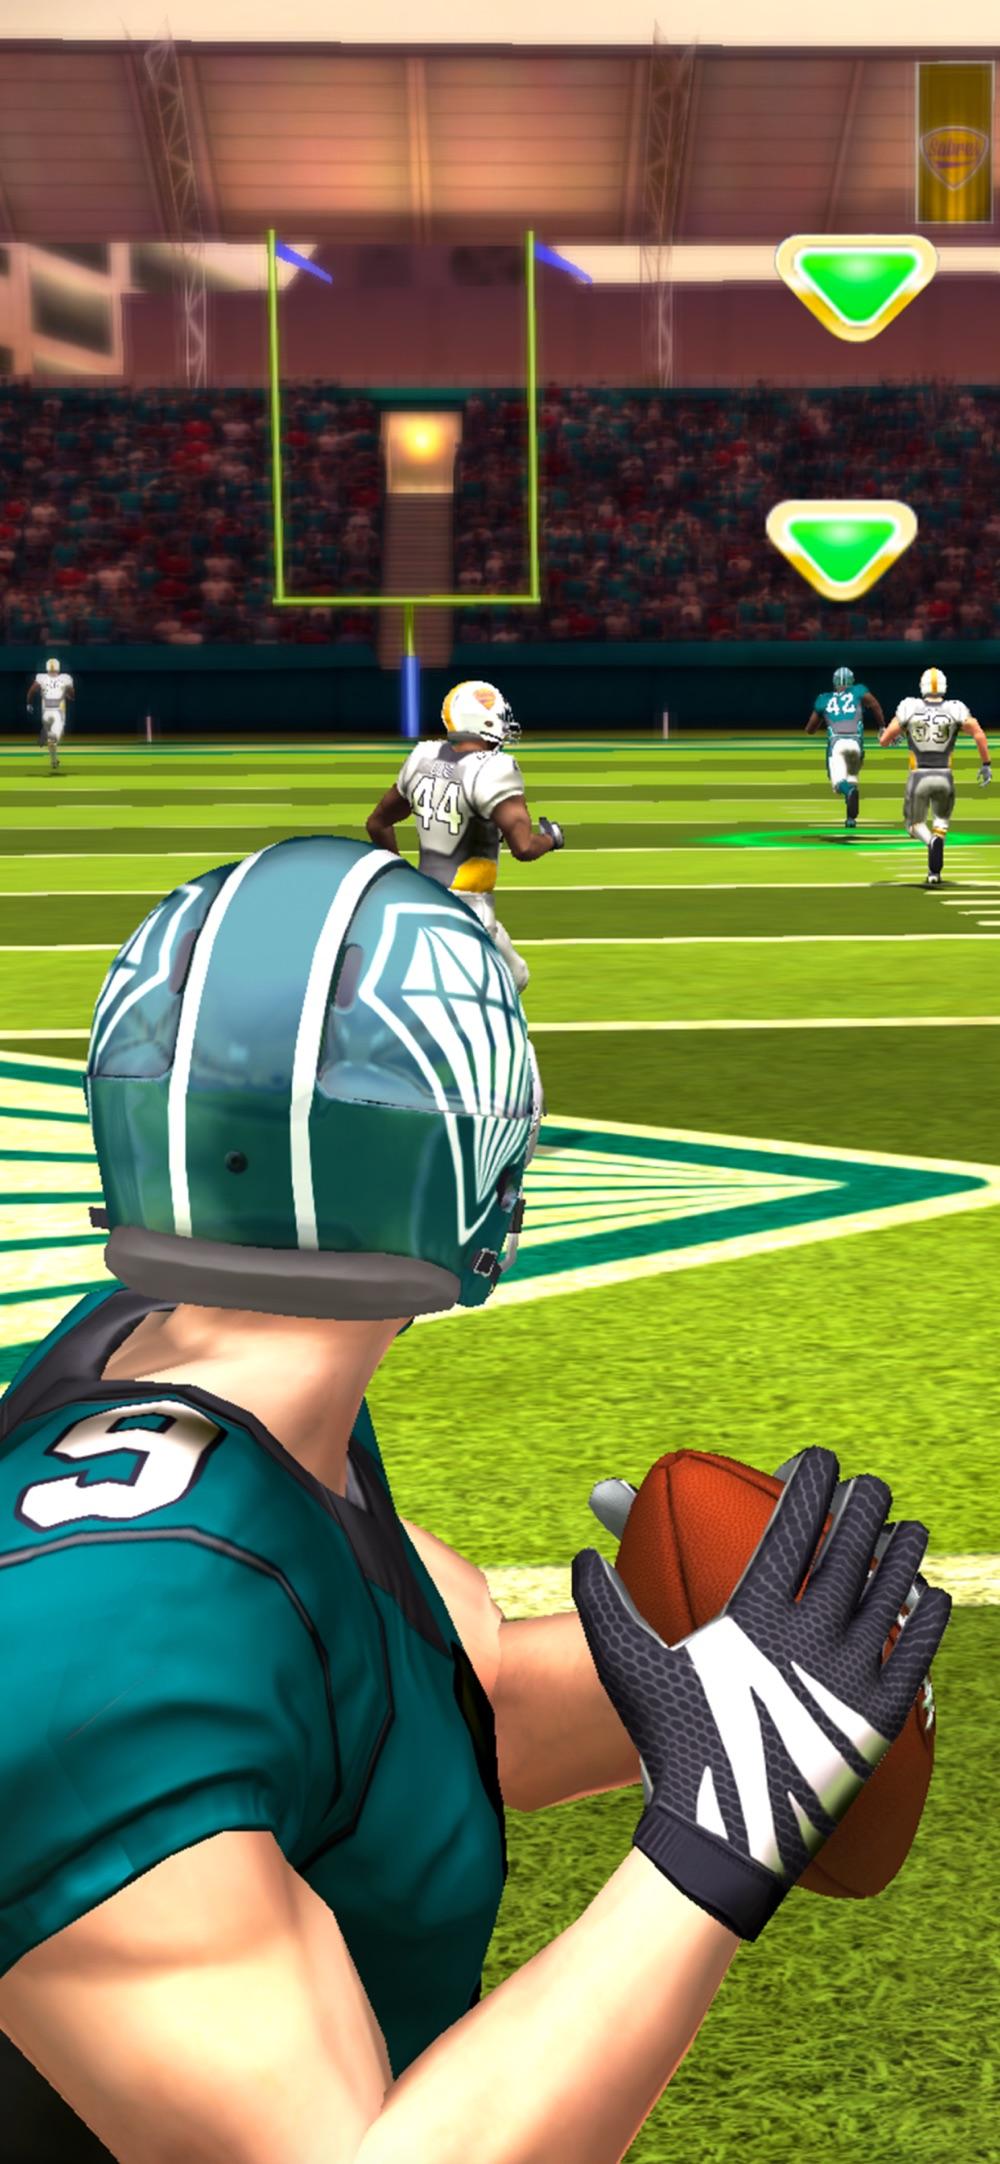 Flick Quarterback 20 Cheat Codes